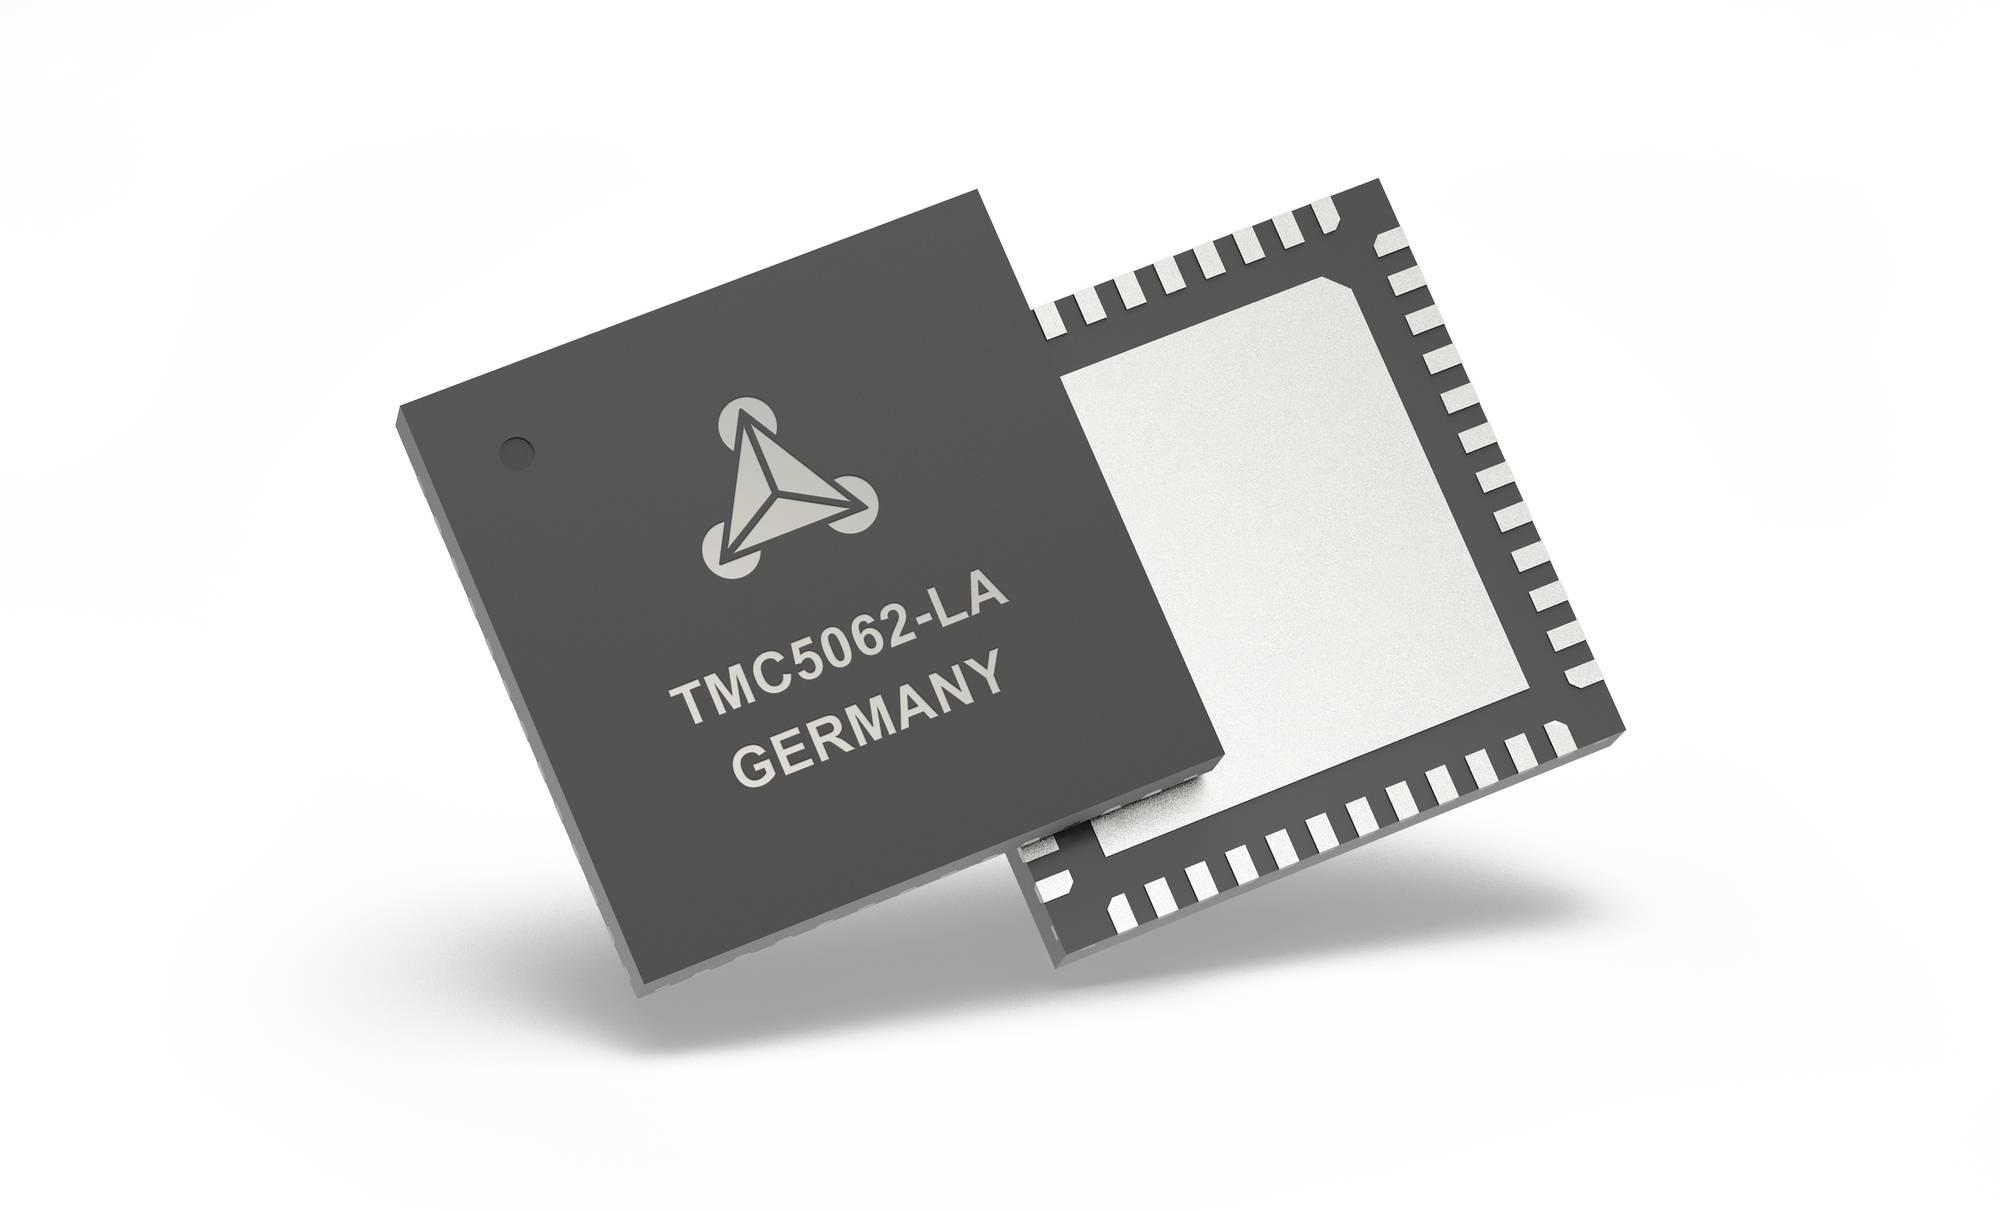 TMC5062-LA